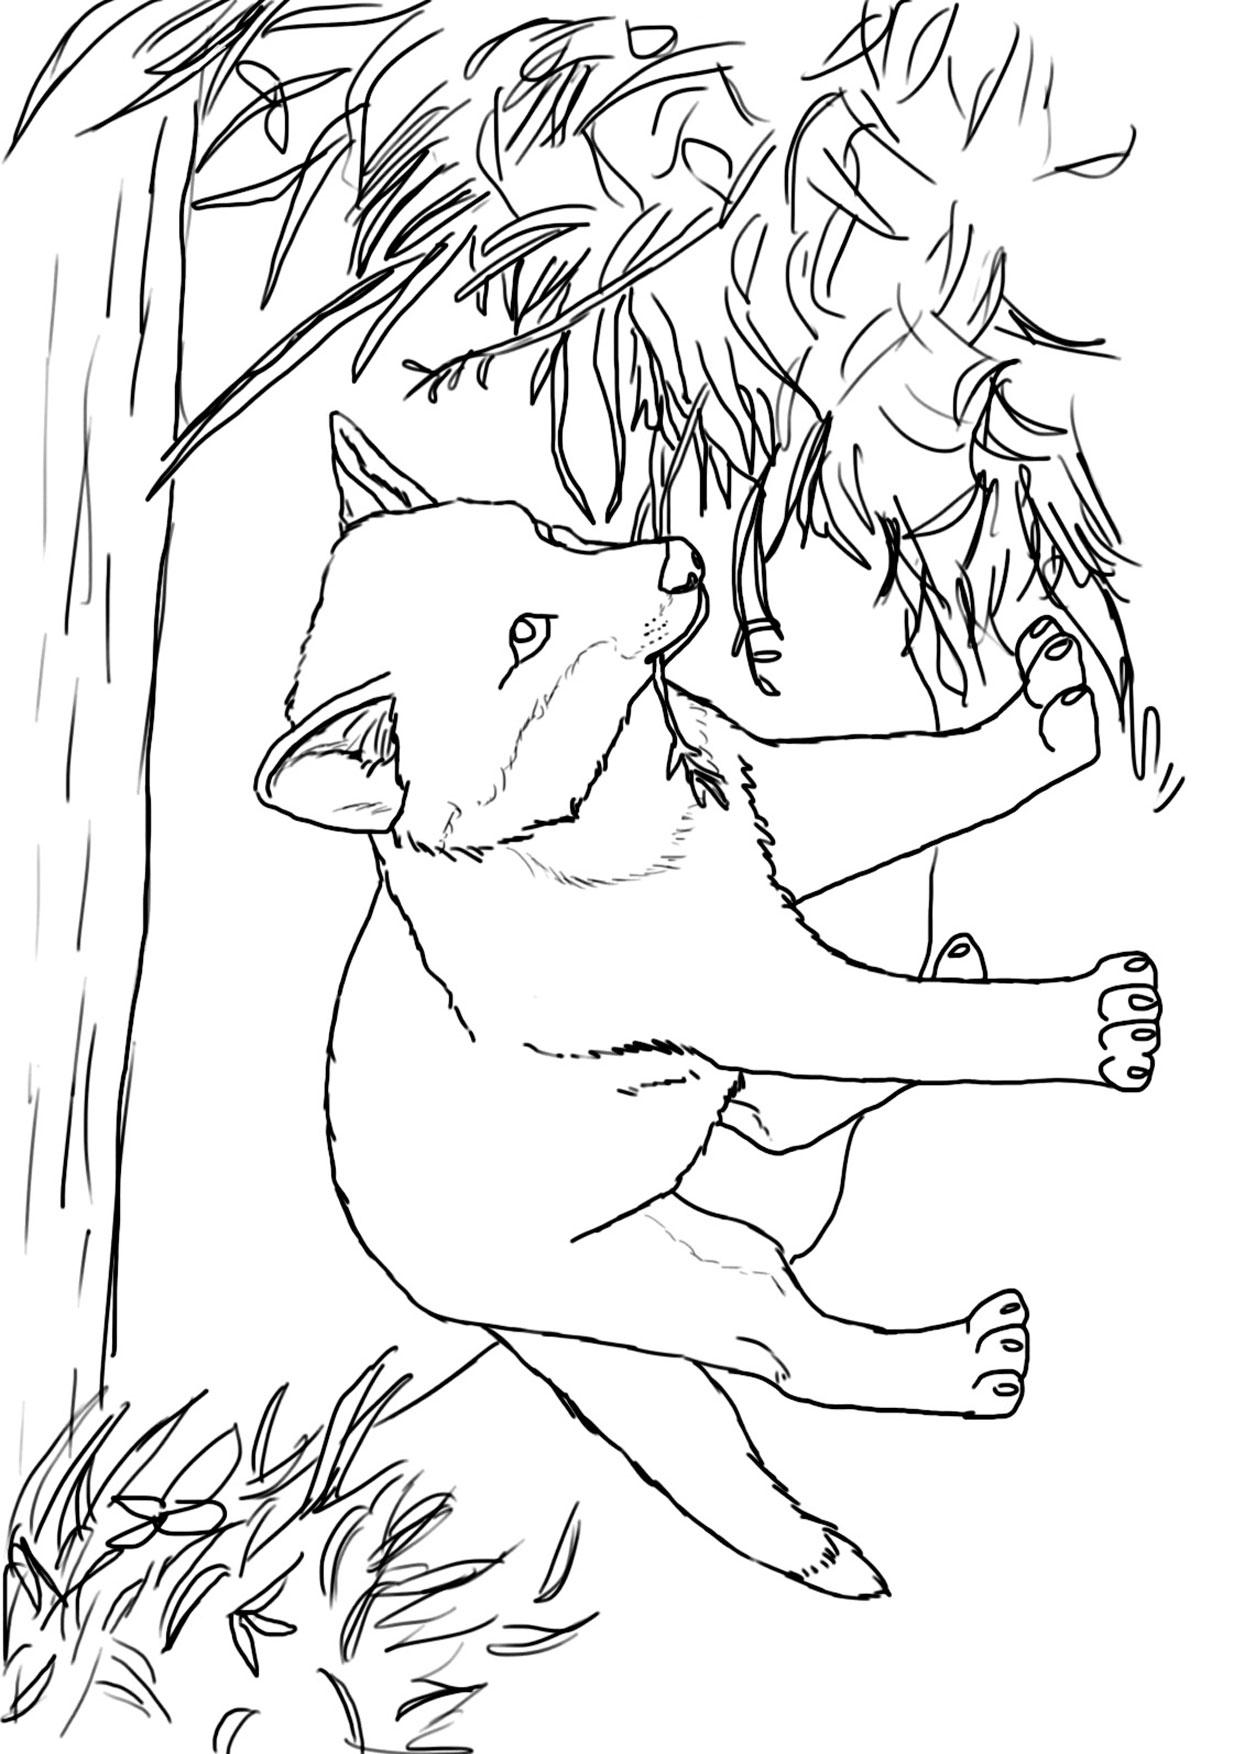 Disegno di volpe da colorare 05